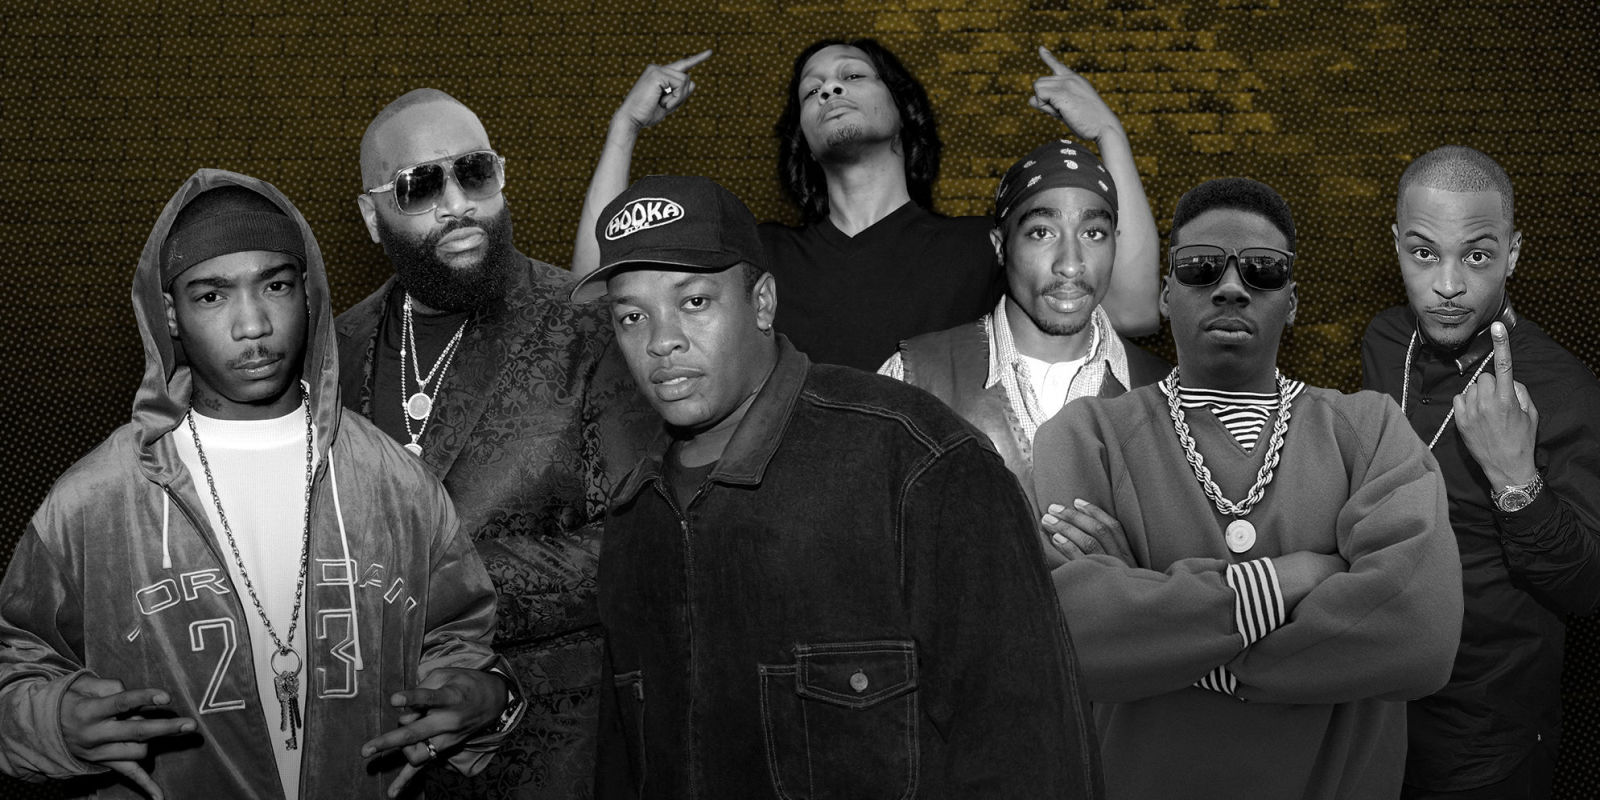 Gangster Rapper